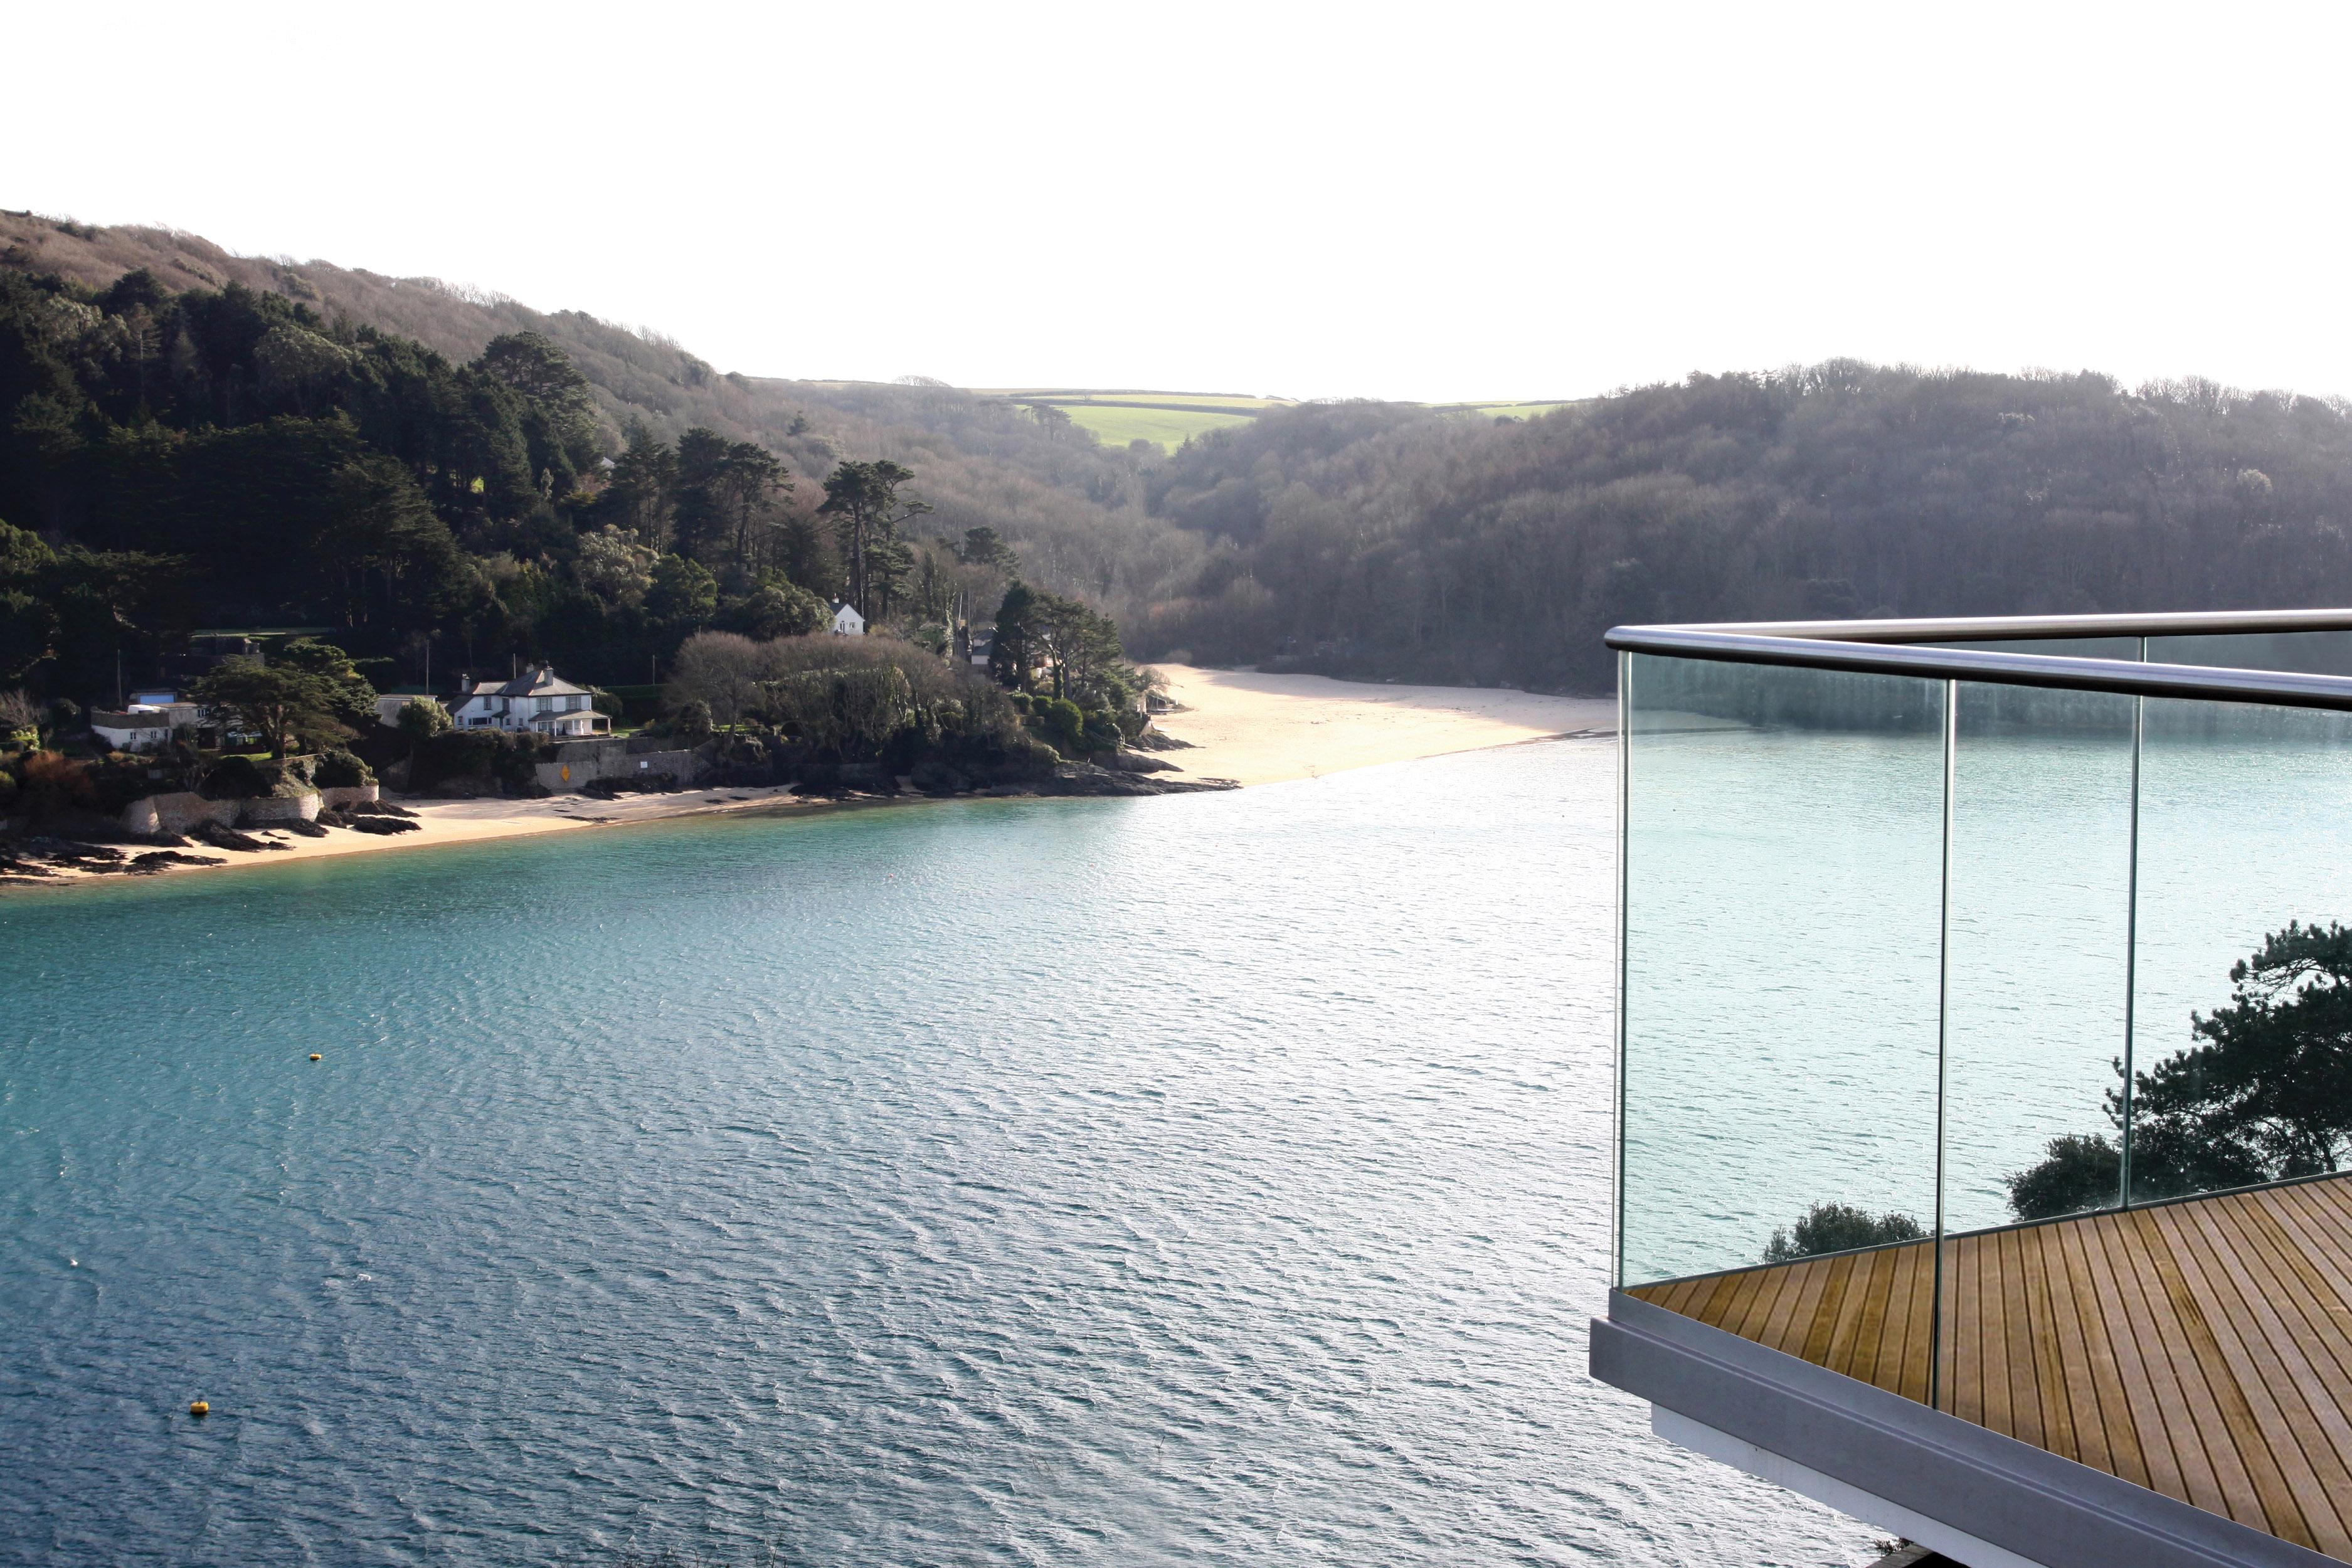 panelgrip,panel grip,balustrade,balustrade system,frameless balustrade,glass,glass panels, bespoke glass